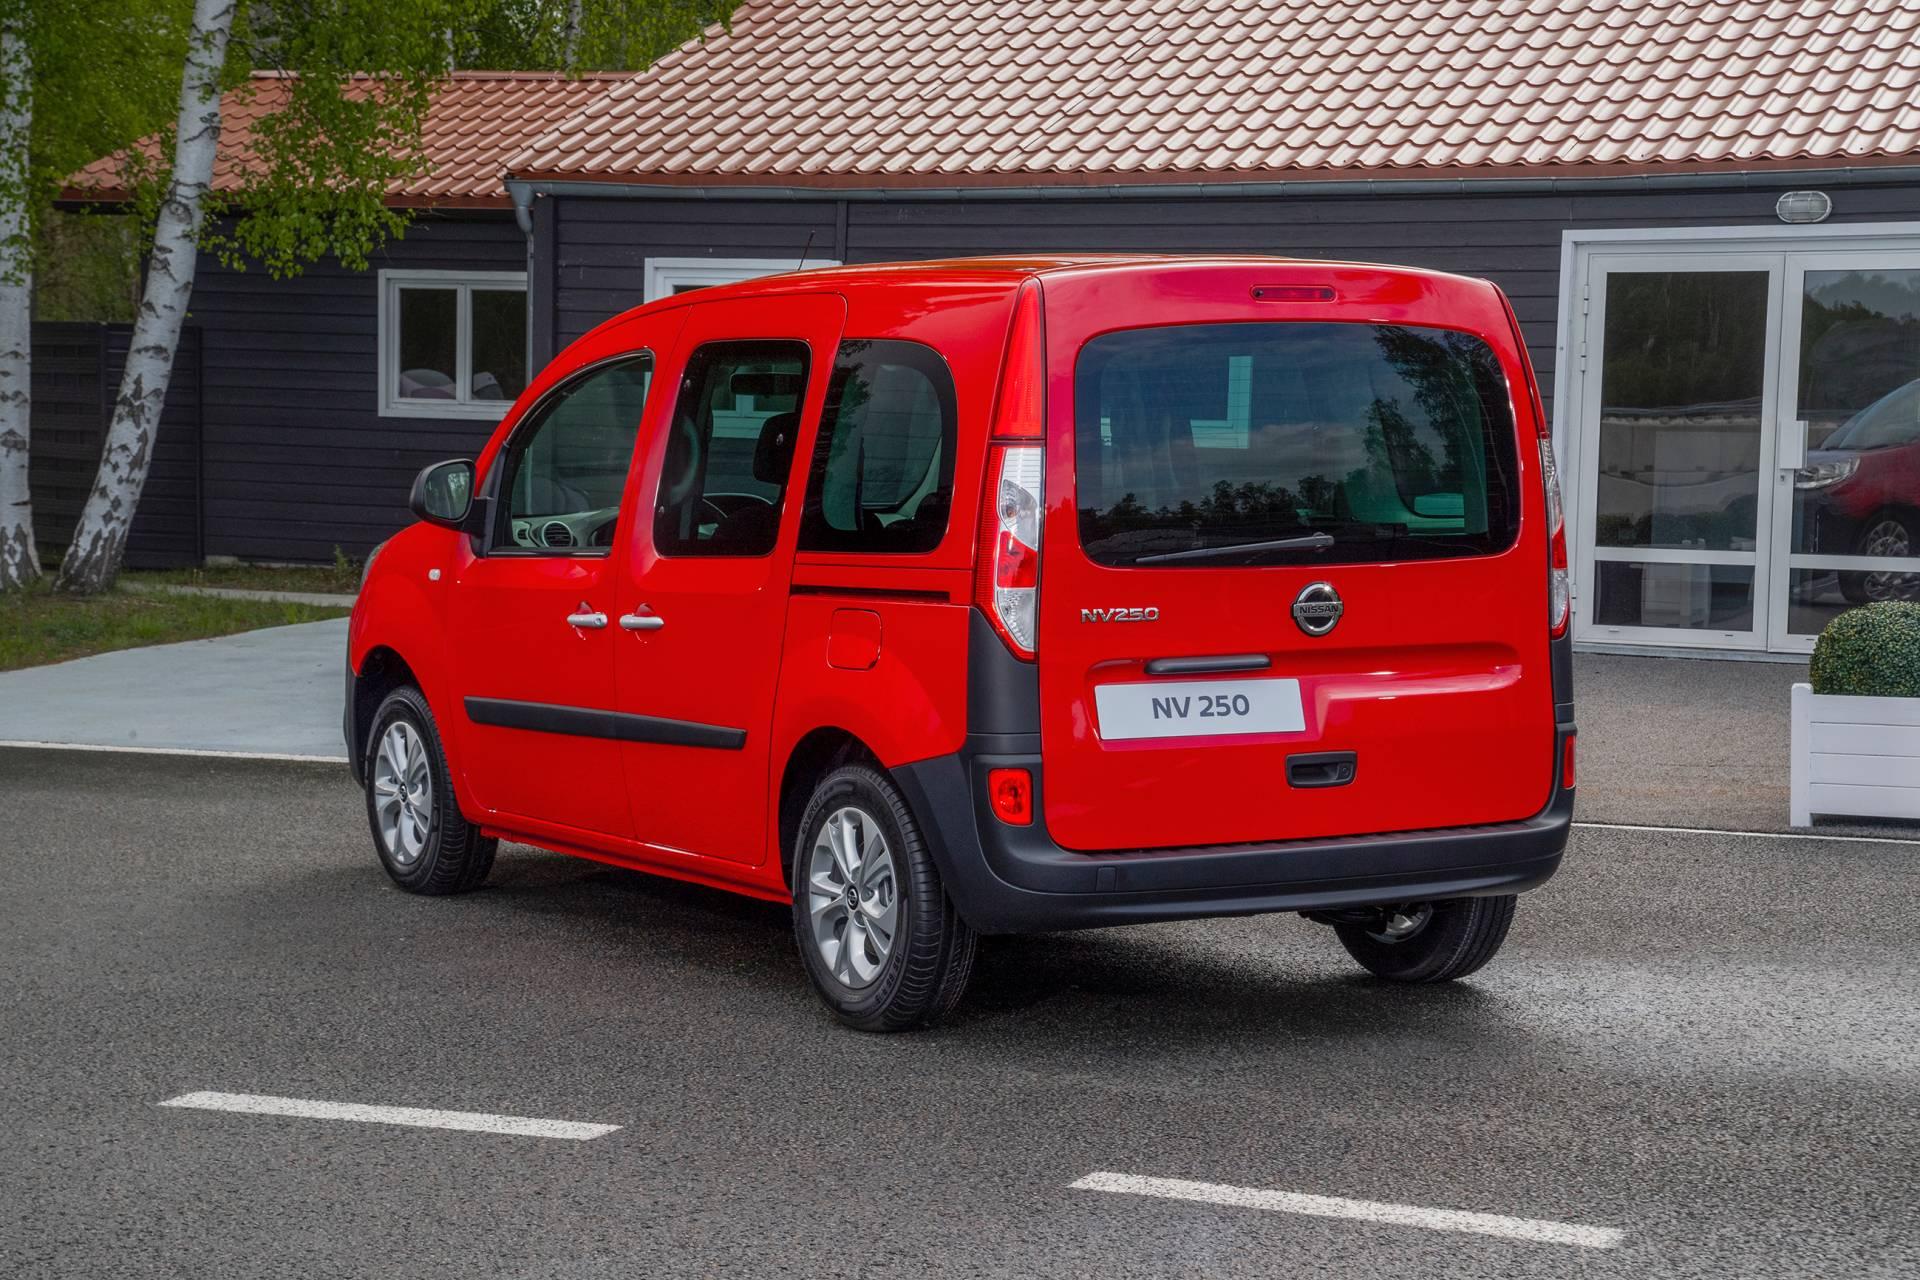 331d8a82-nissan-nv250-m1-passenger-van-15.jpg